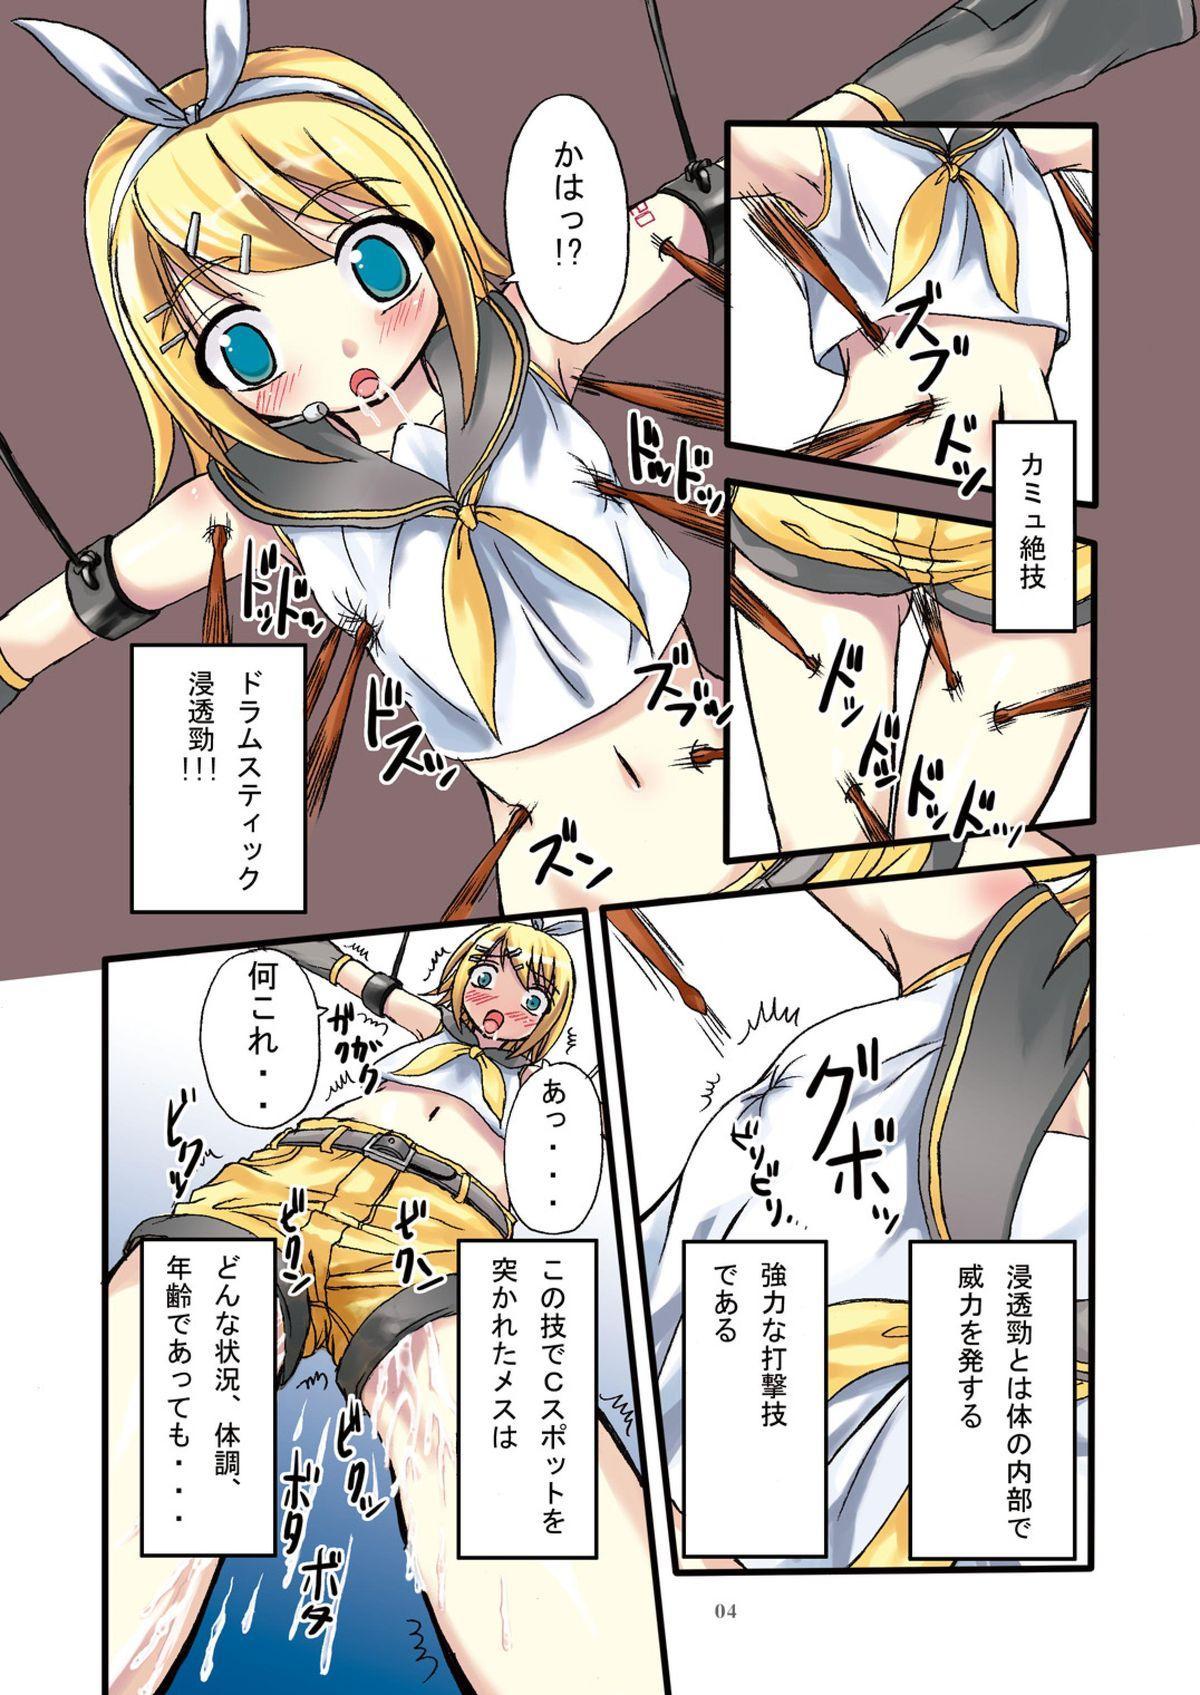 Camus-sama ni Kussai Awabi o Tsukimakurareta Kagamine Rin ga Omorashi Exodus 3